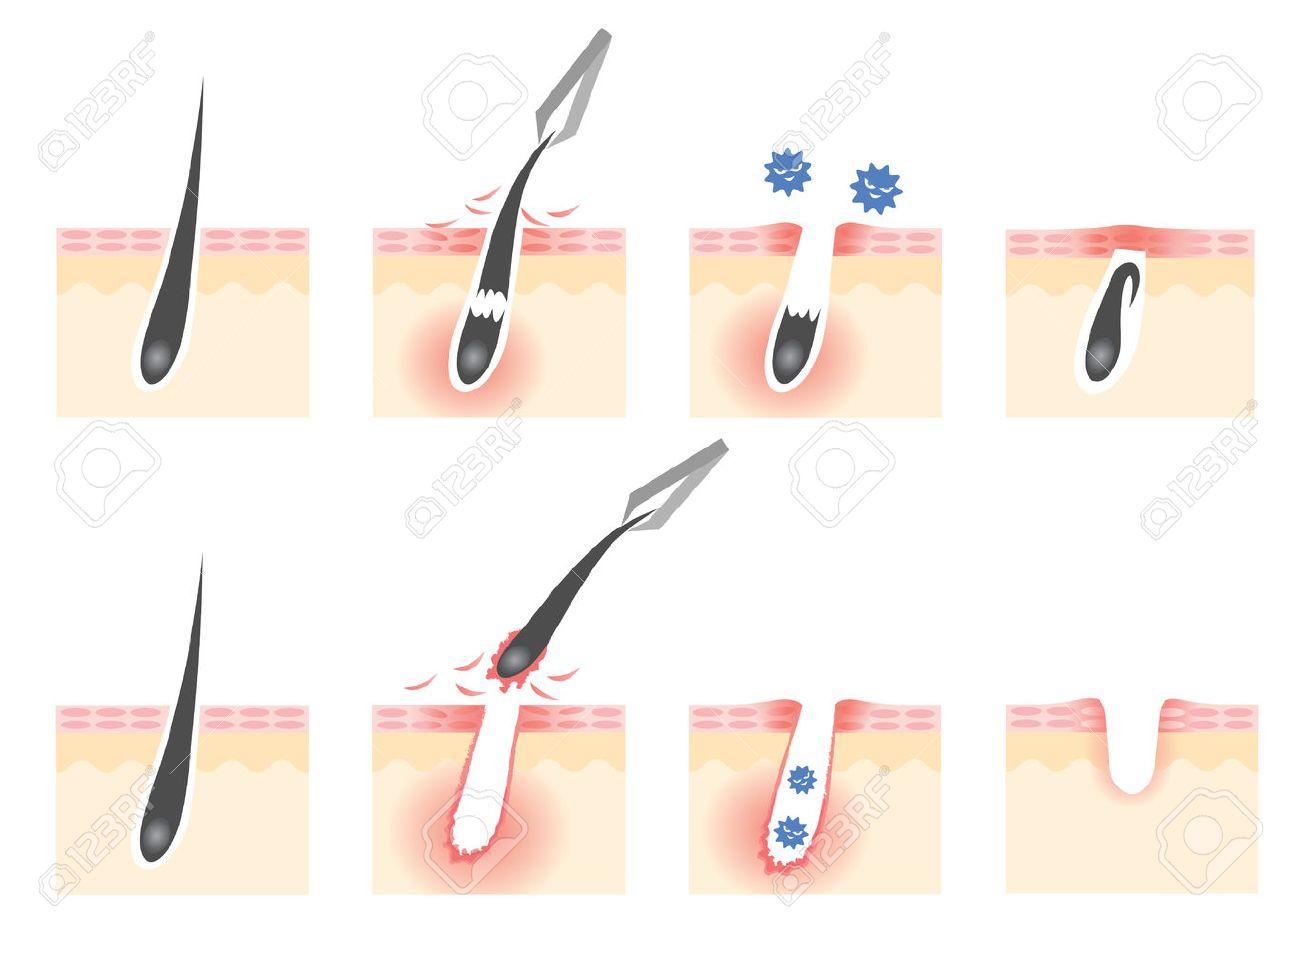 tweezers hair removal skin troubles - 38924876